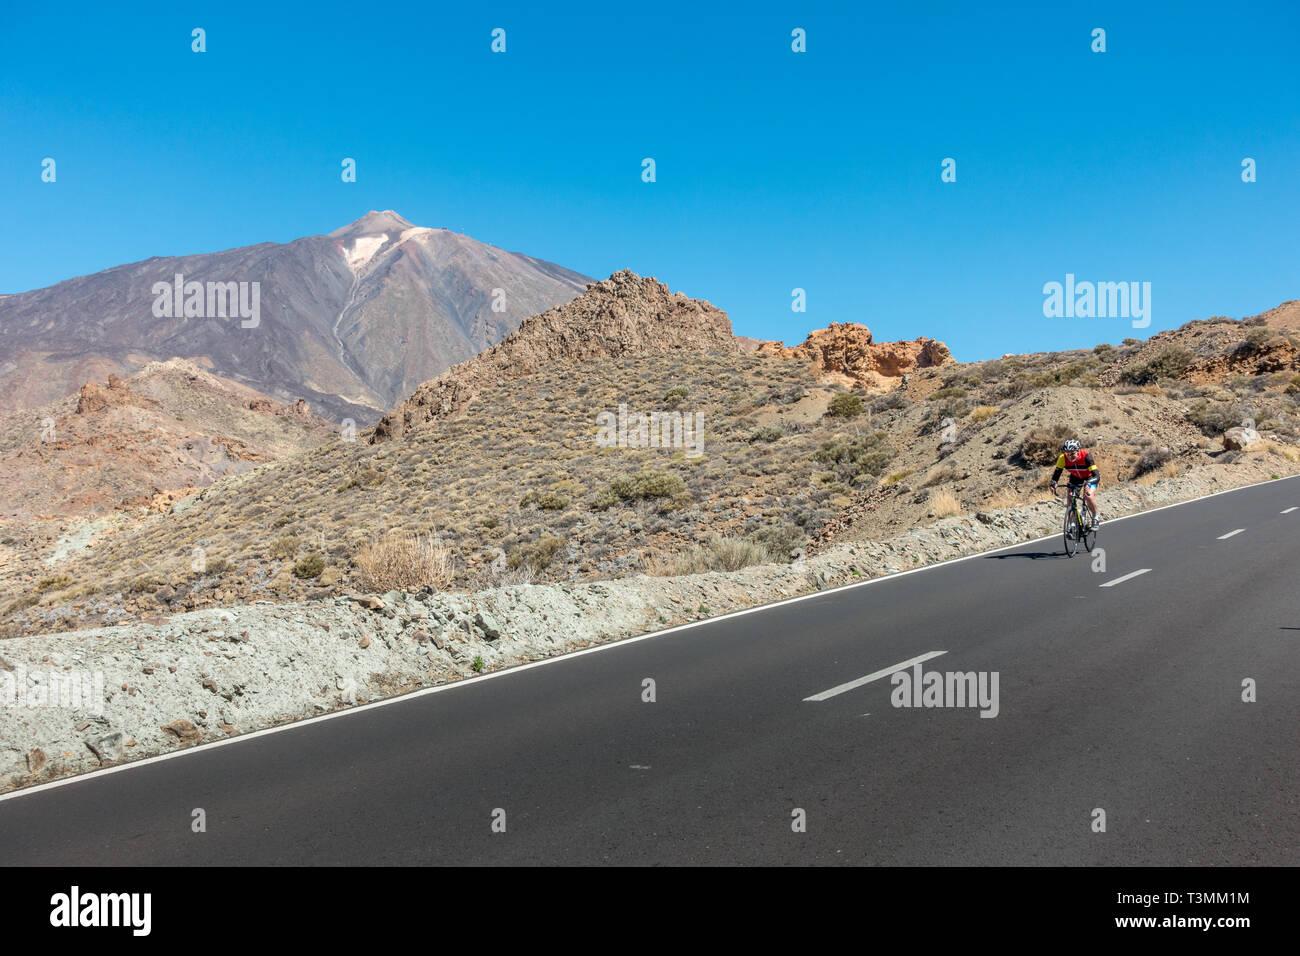 Radfahrer auf der Straße Fahrrad genießen der Abstieg vom Teide Seilbahn Station auf der TF-21, Teneriffa Stockbild